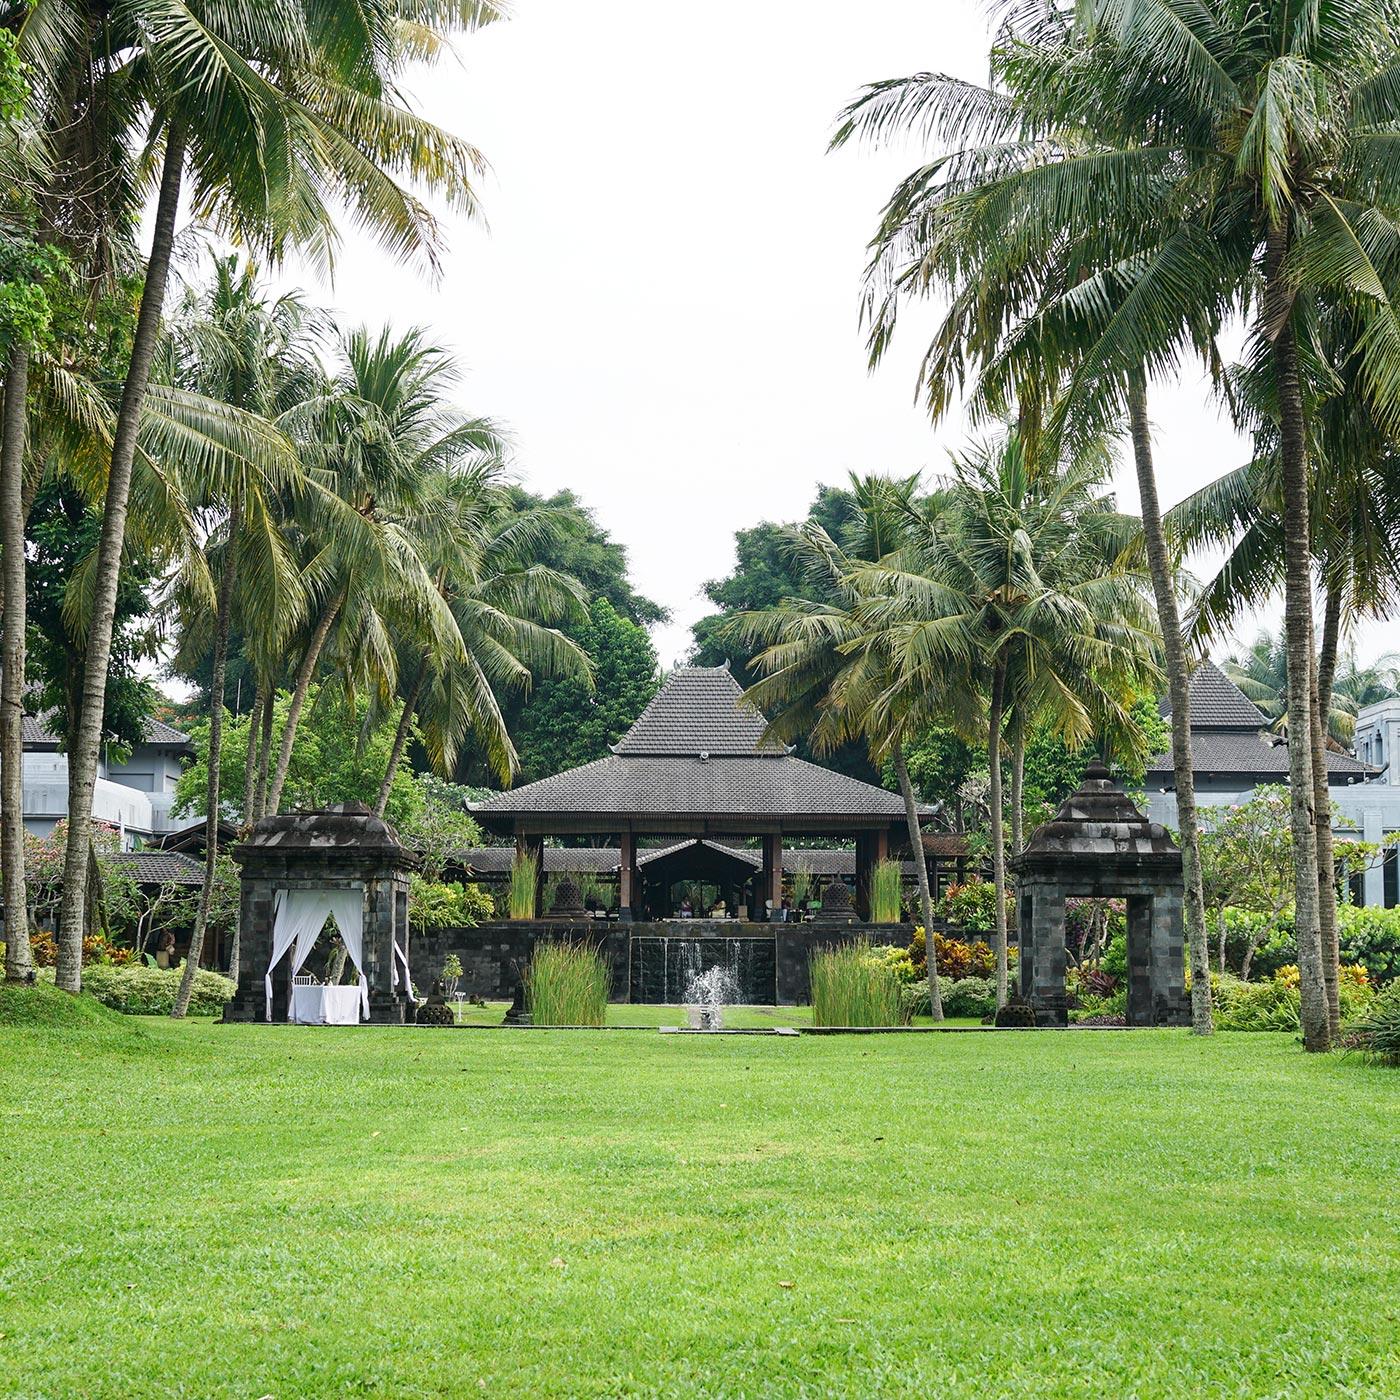 ロビーコートを庭から眺めると「メール山」を表現した「ジョグロ」と呼ばれるジャワの伝統建築であることがわかる。